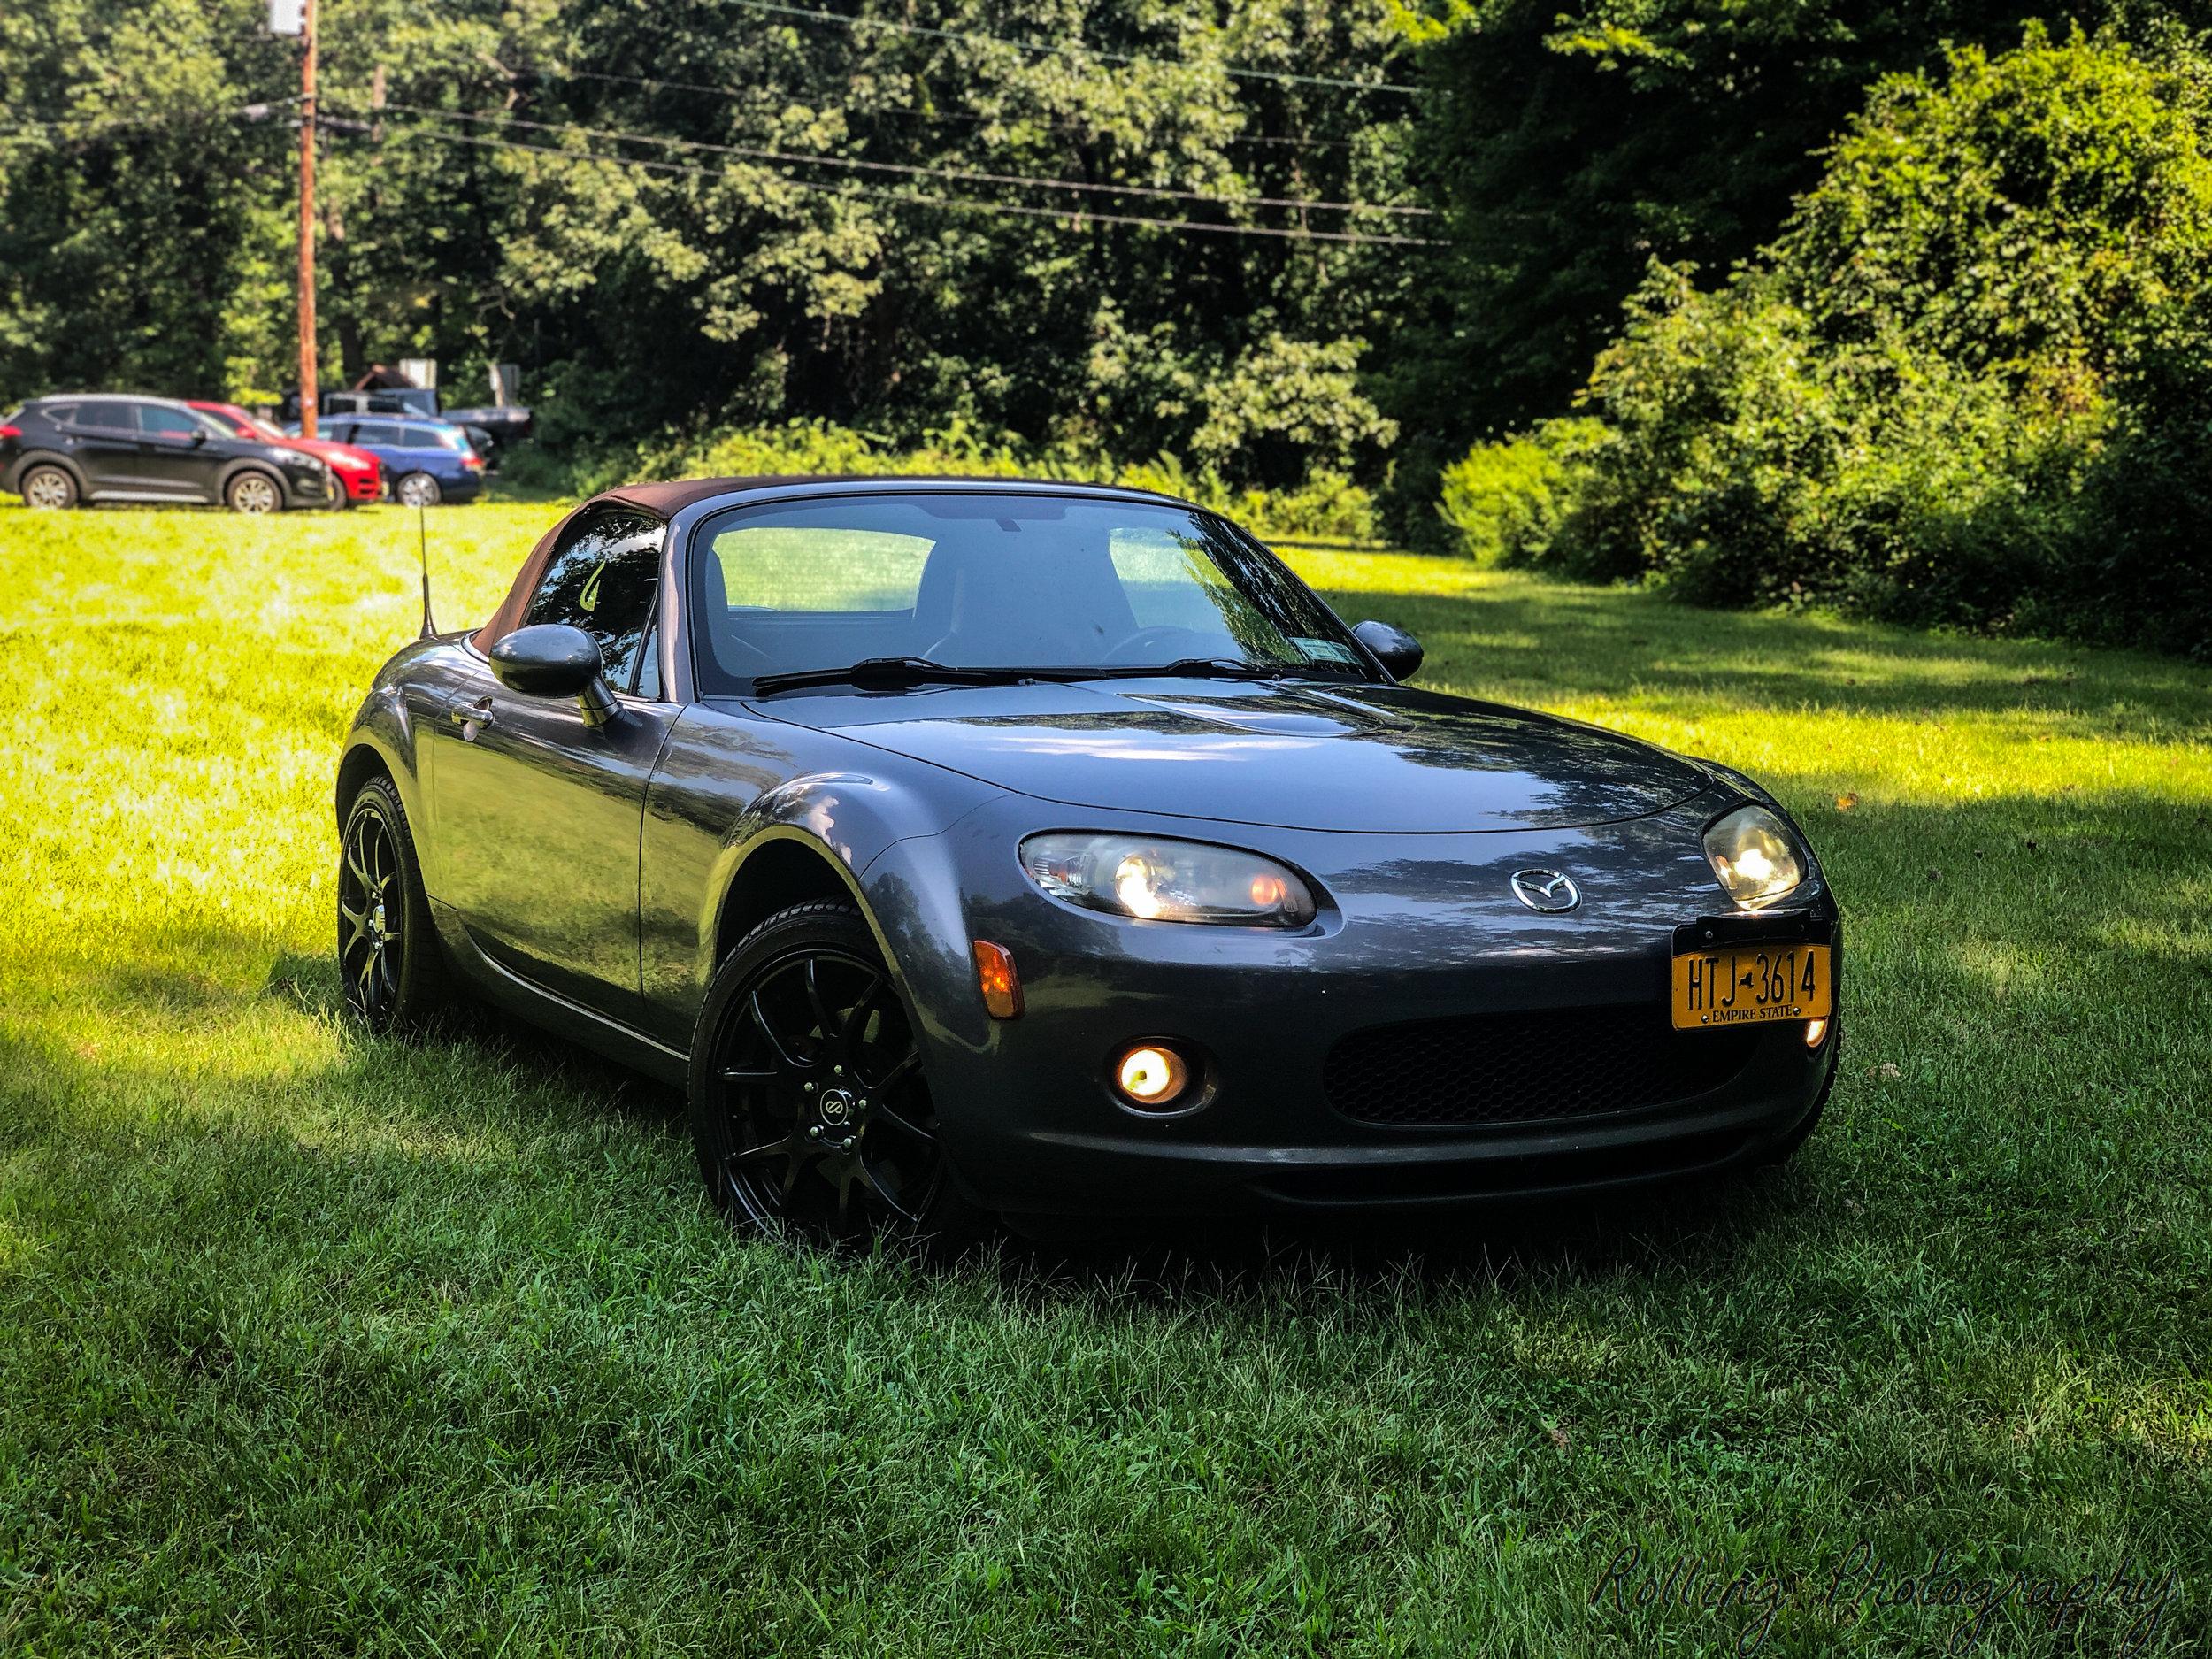 2007 Mazda Miata Grass Shot Profile.jpg